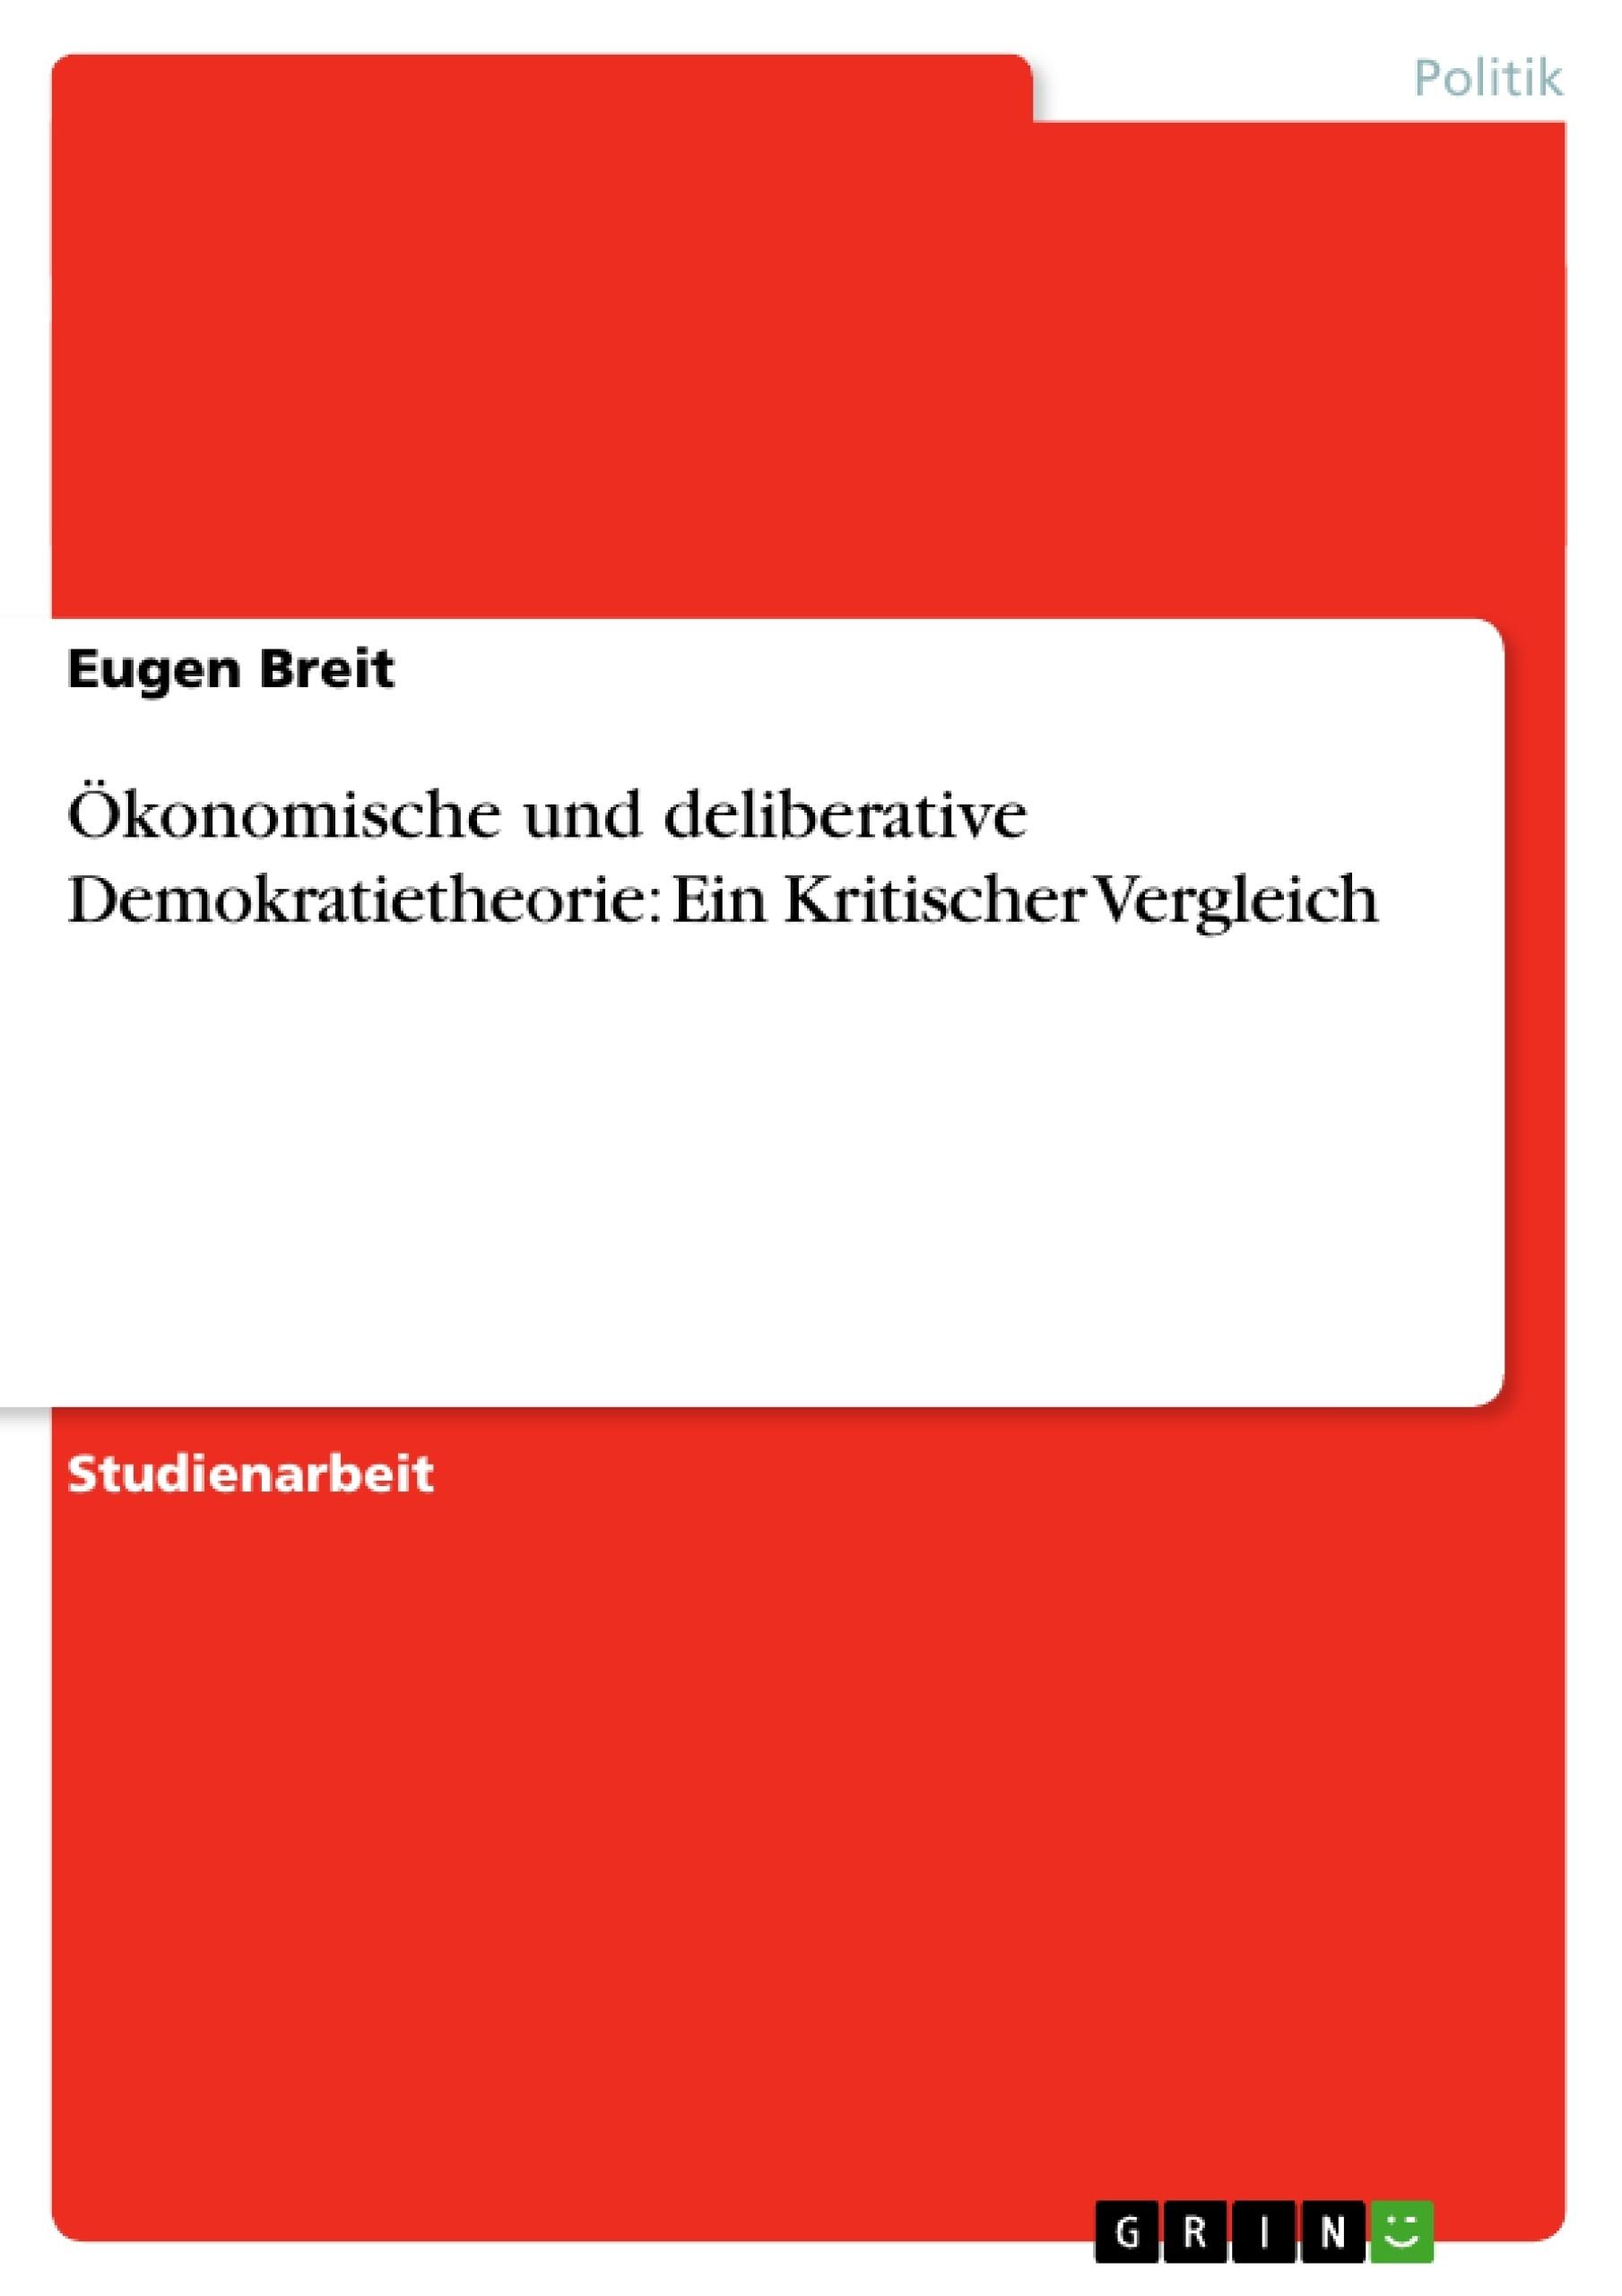 Titel: Ökonomische und deliberative Demokratietheorie: Ein Kritischer Vergleich